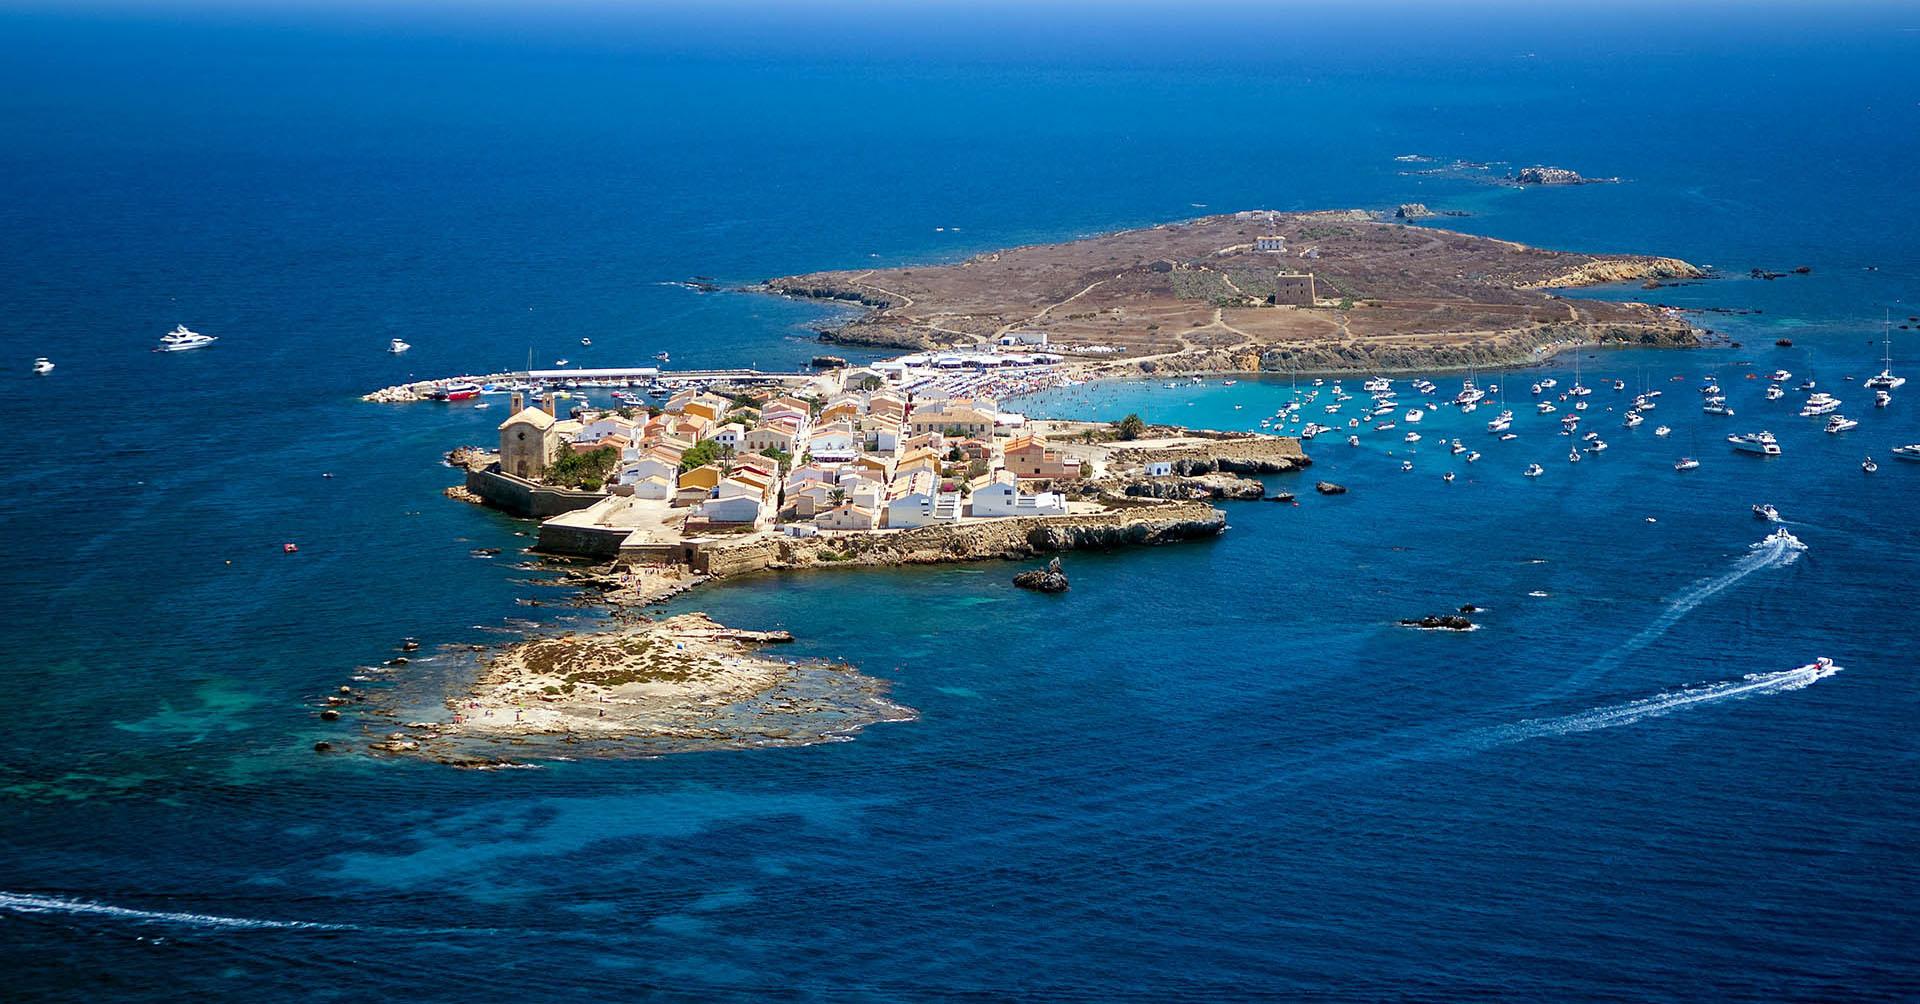 Isla de Tabarca: la última isla habitada de la Comunidad Valenciana